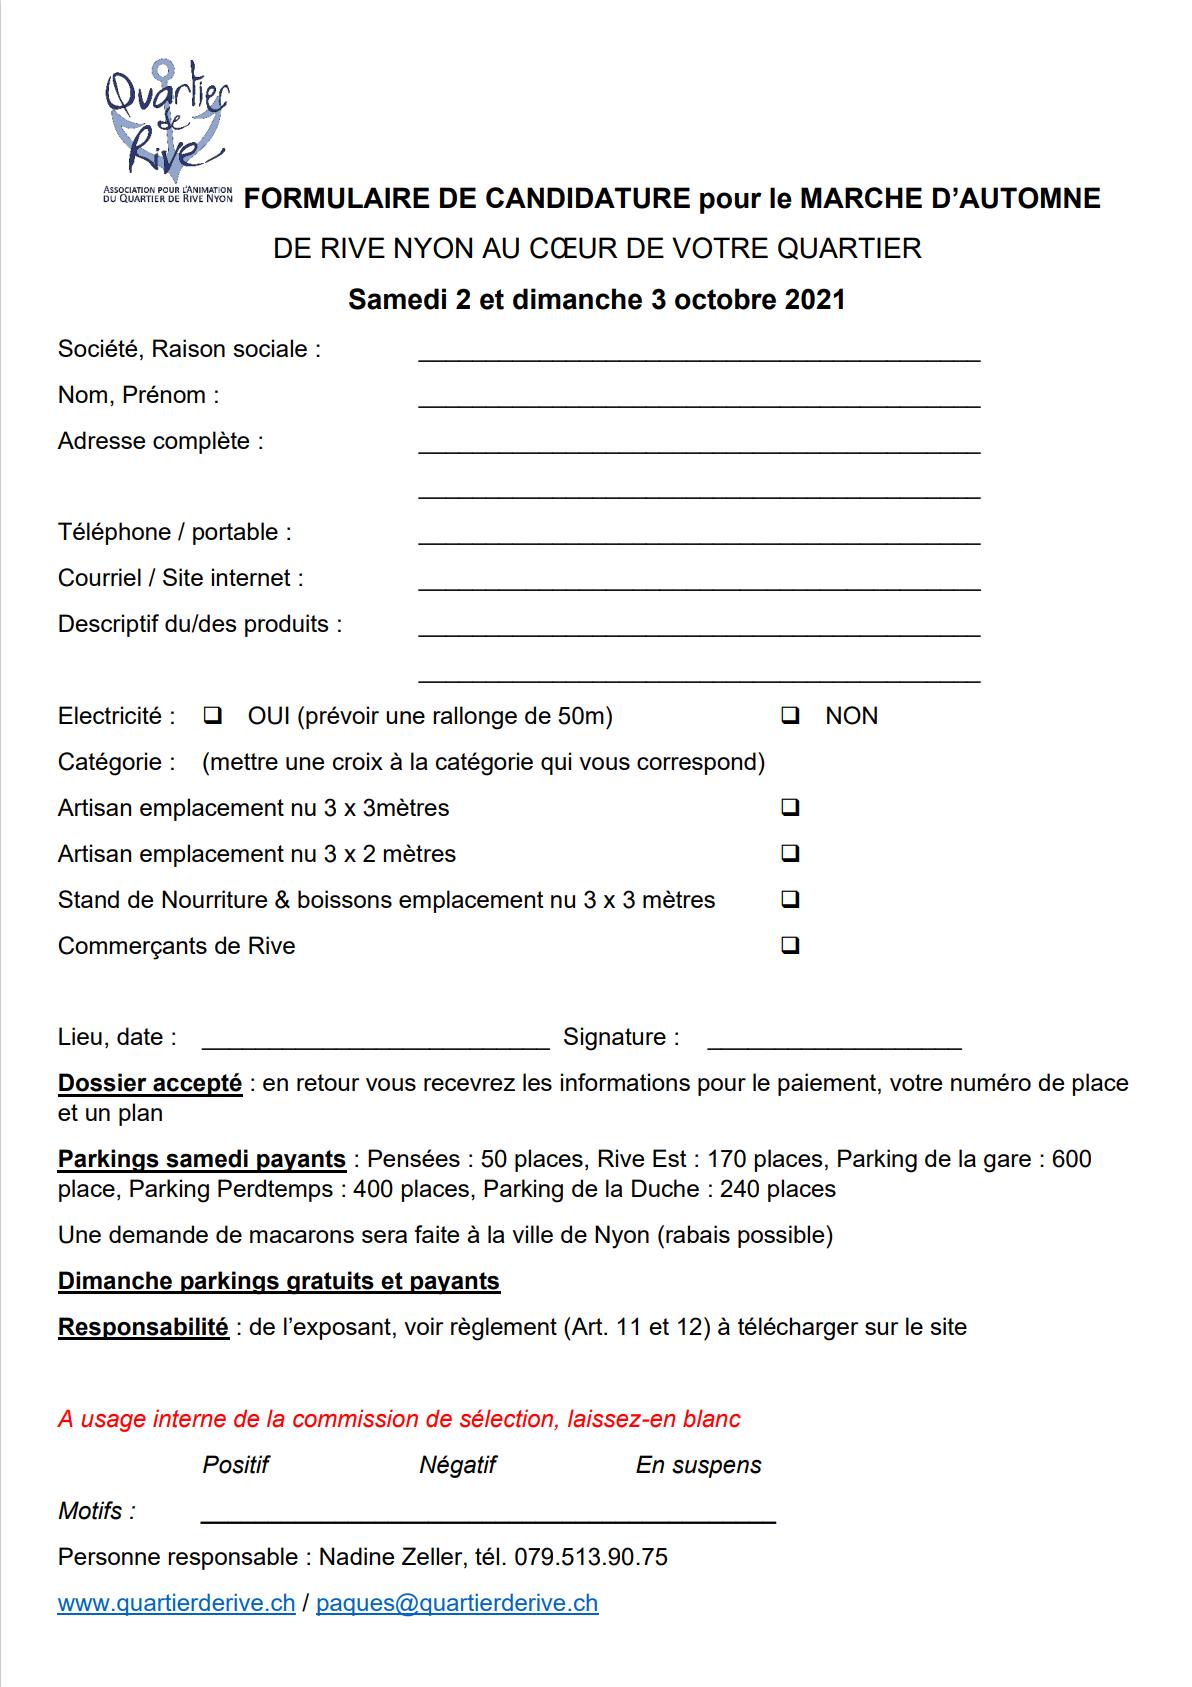 FORMULAIRE DE CANDIDATURE pour le MARCHE D'AUTOMNE 2021